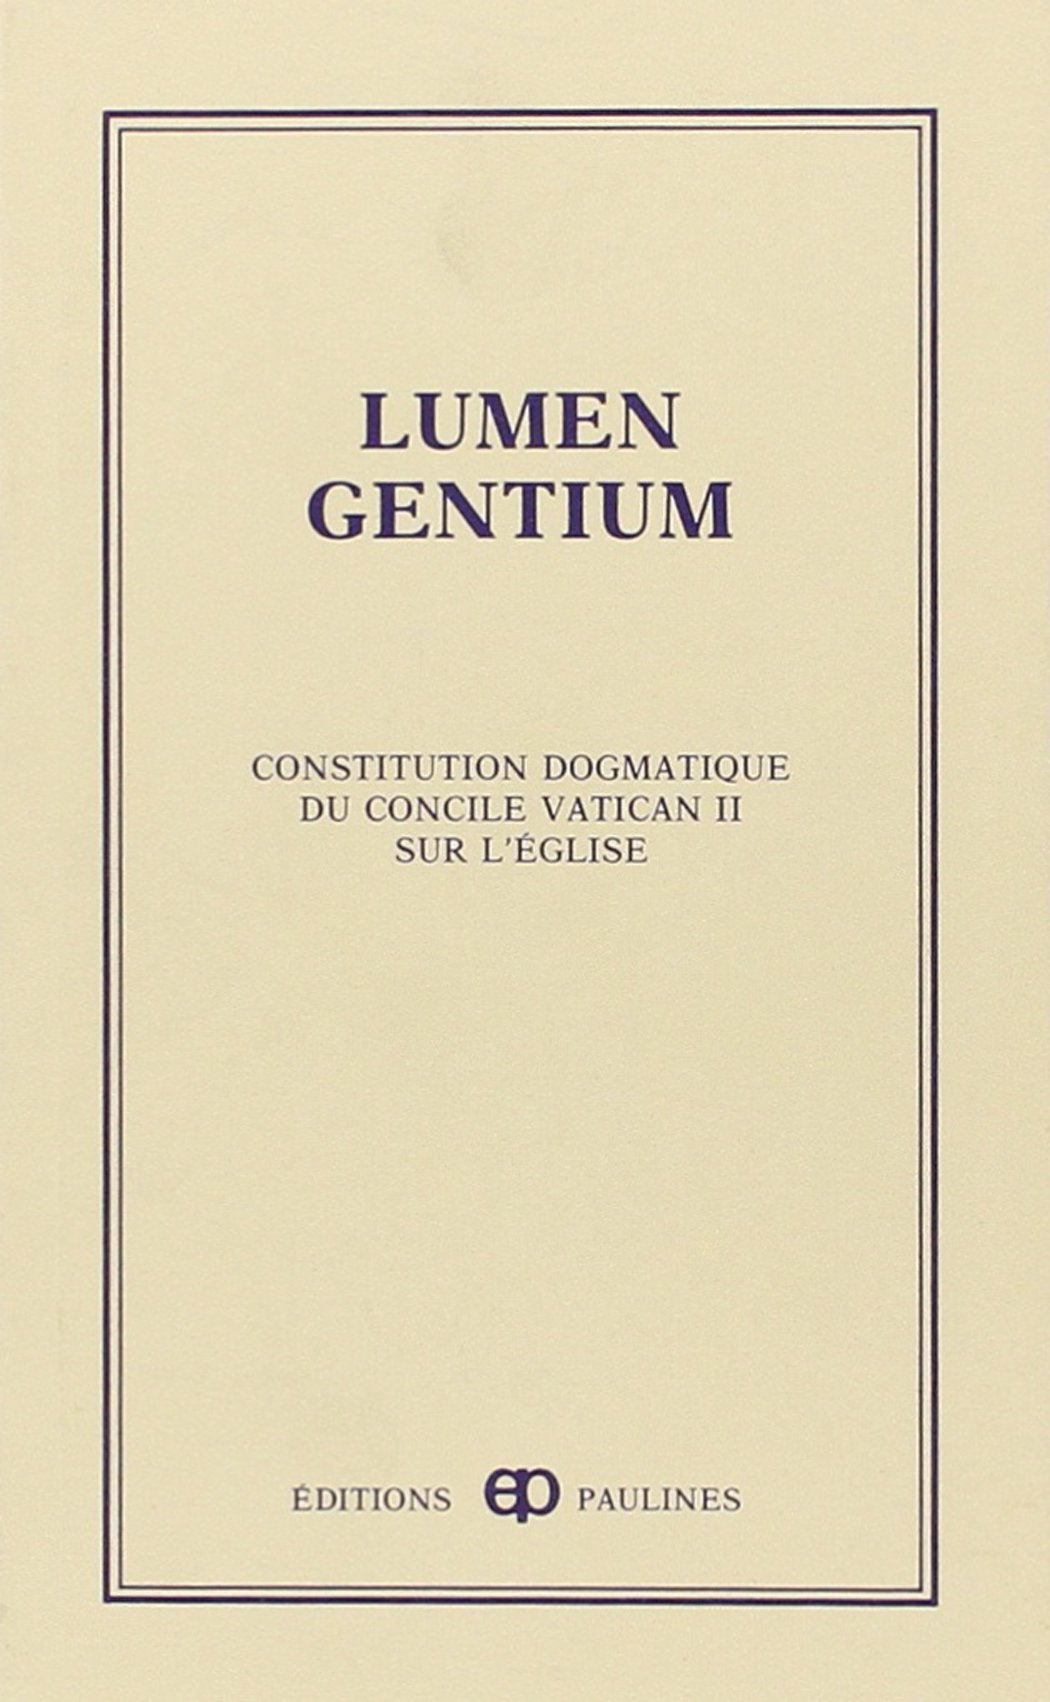 lumen gentium pdf descargar